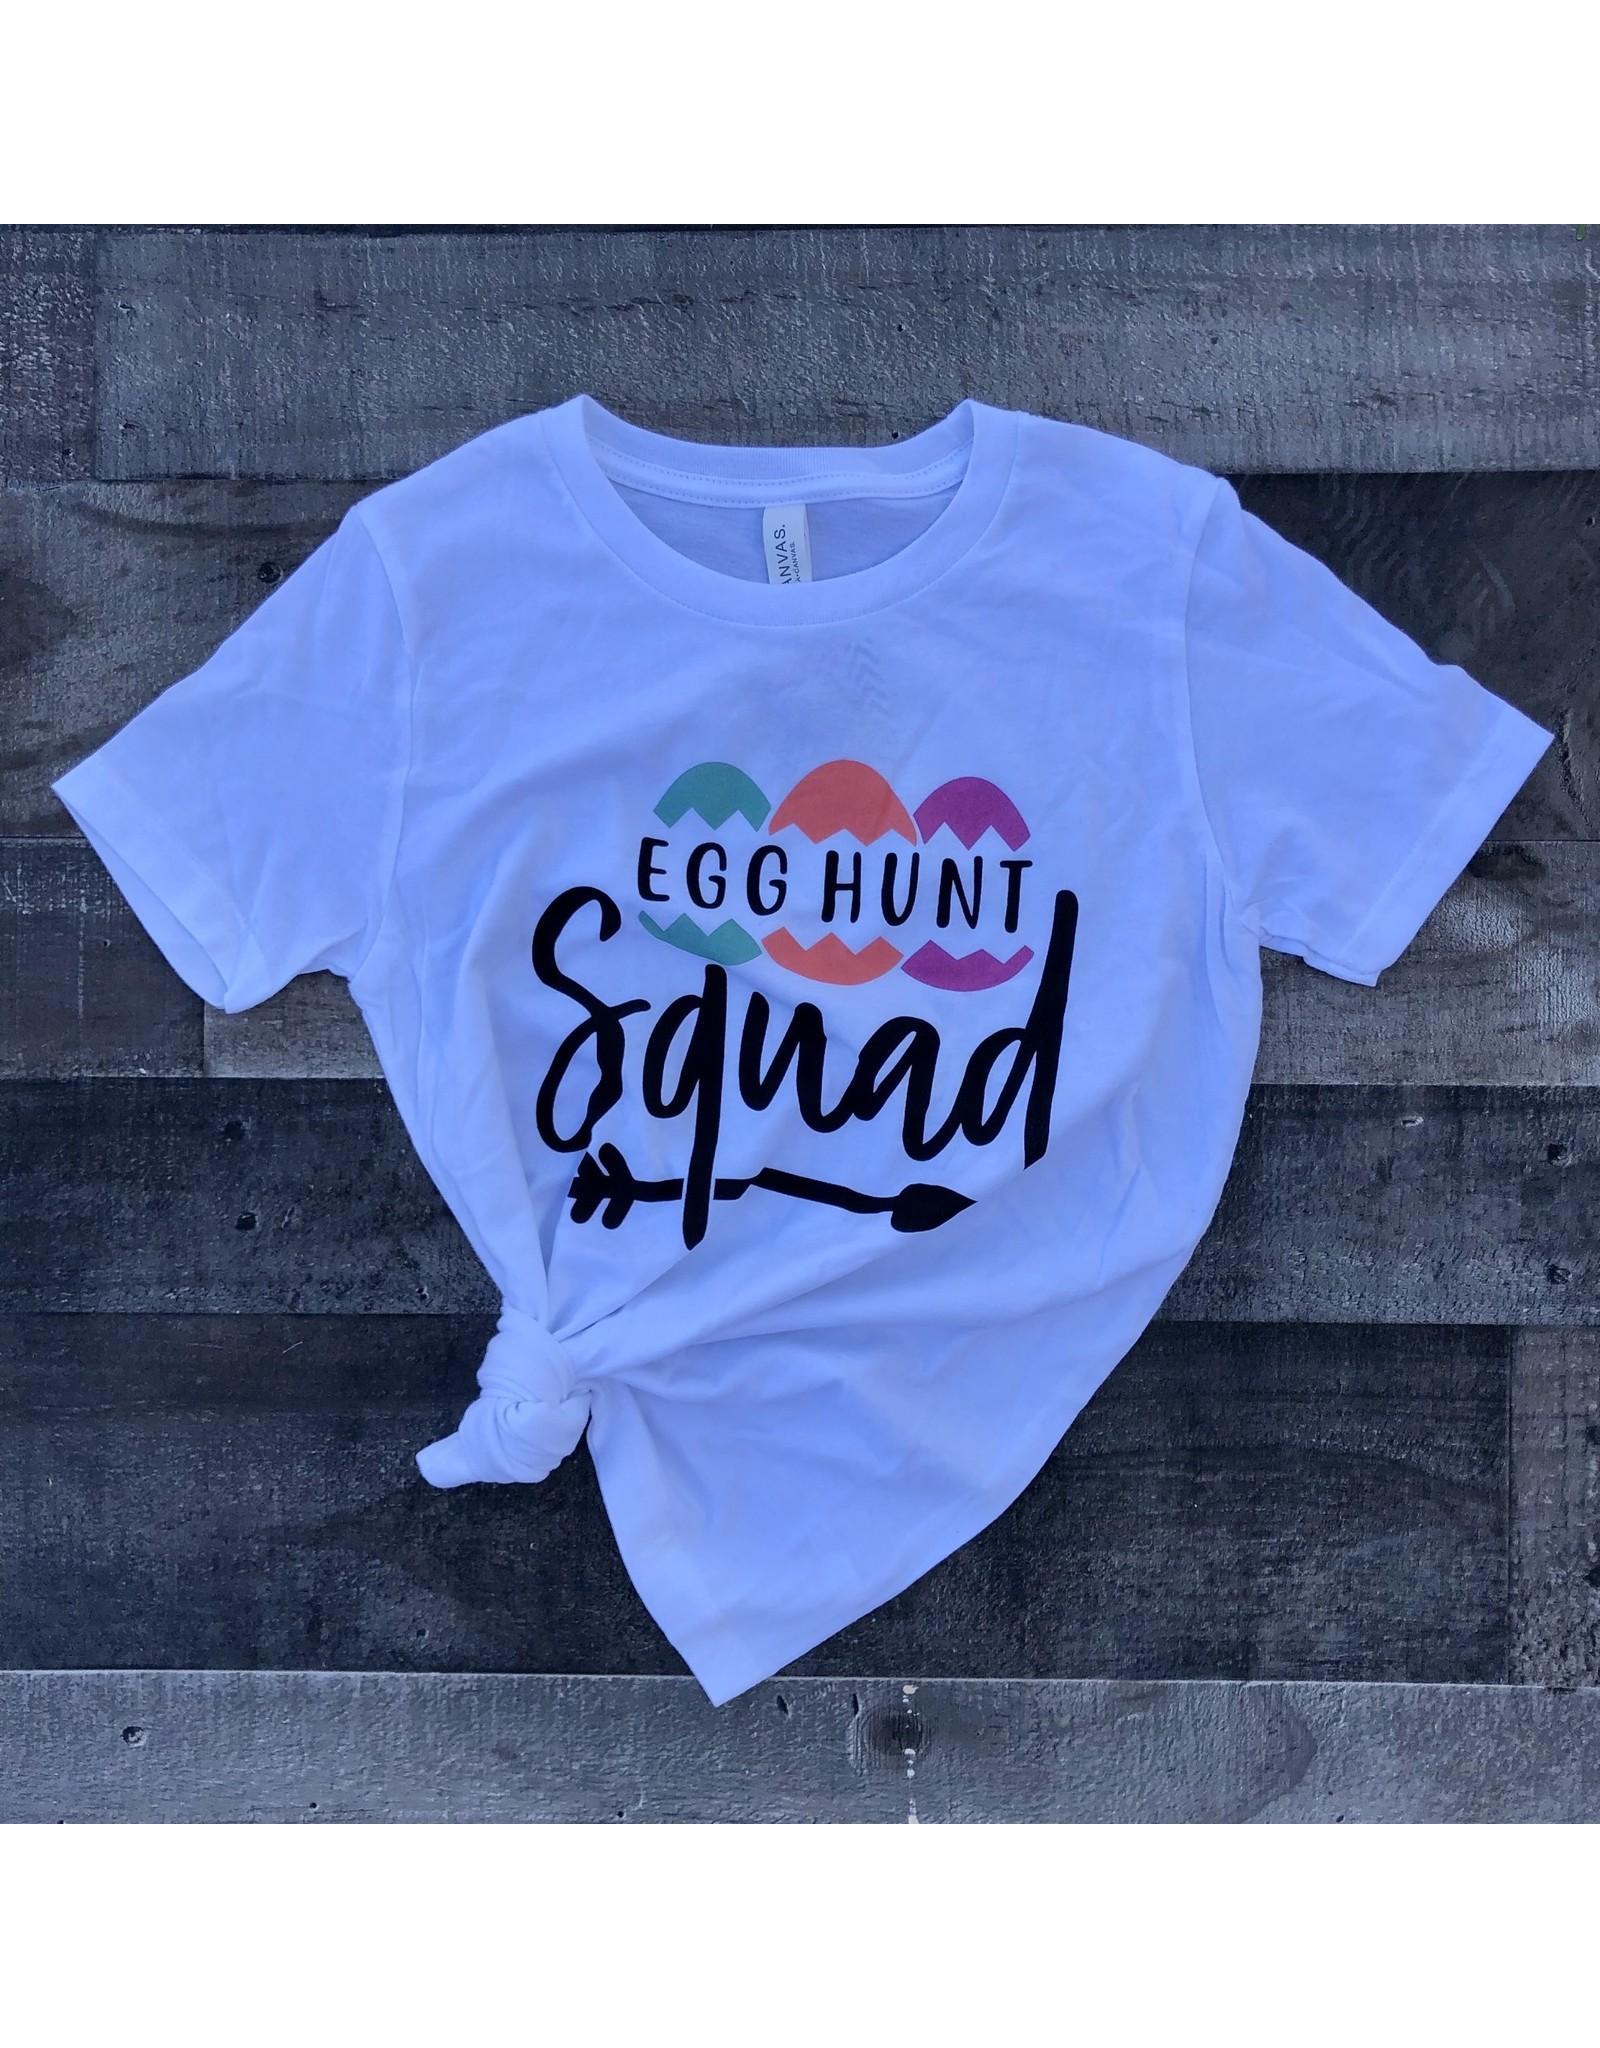 Egg Hunt Squad Shirt